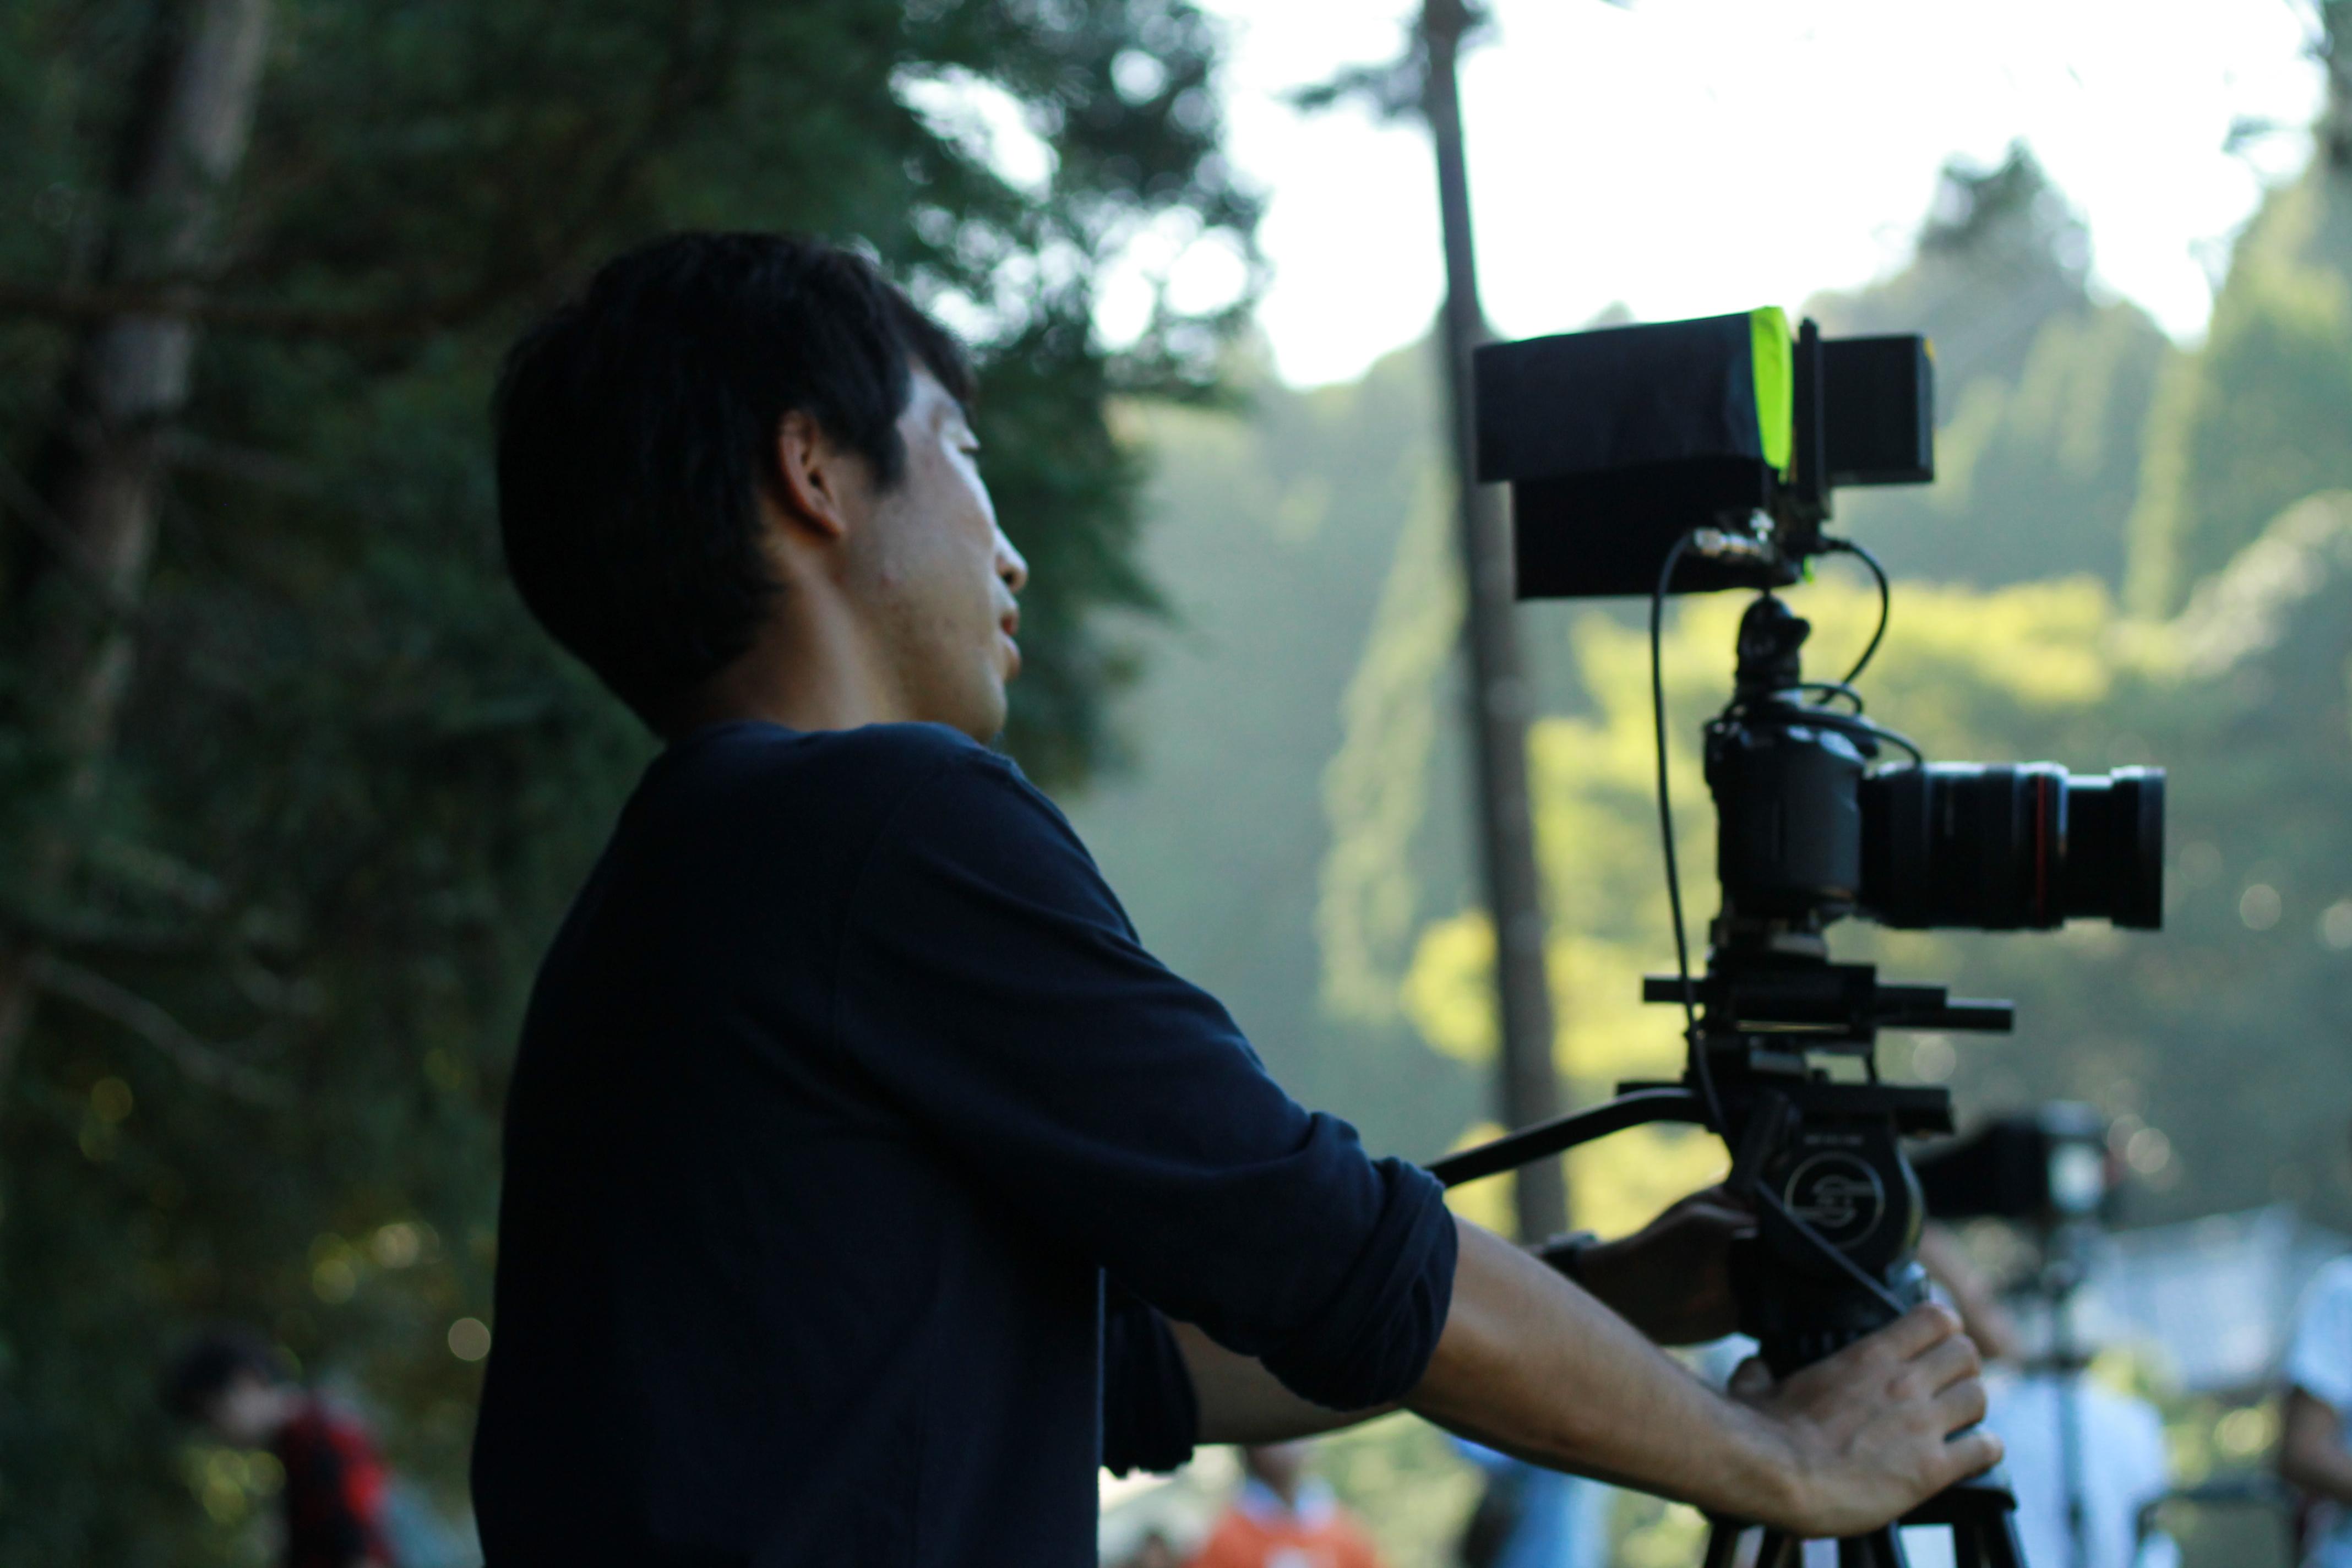 JAT FILM PRODUCITON